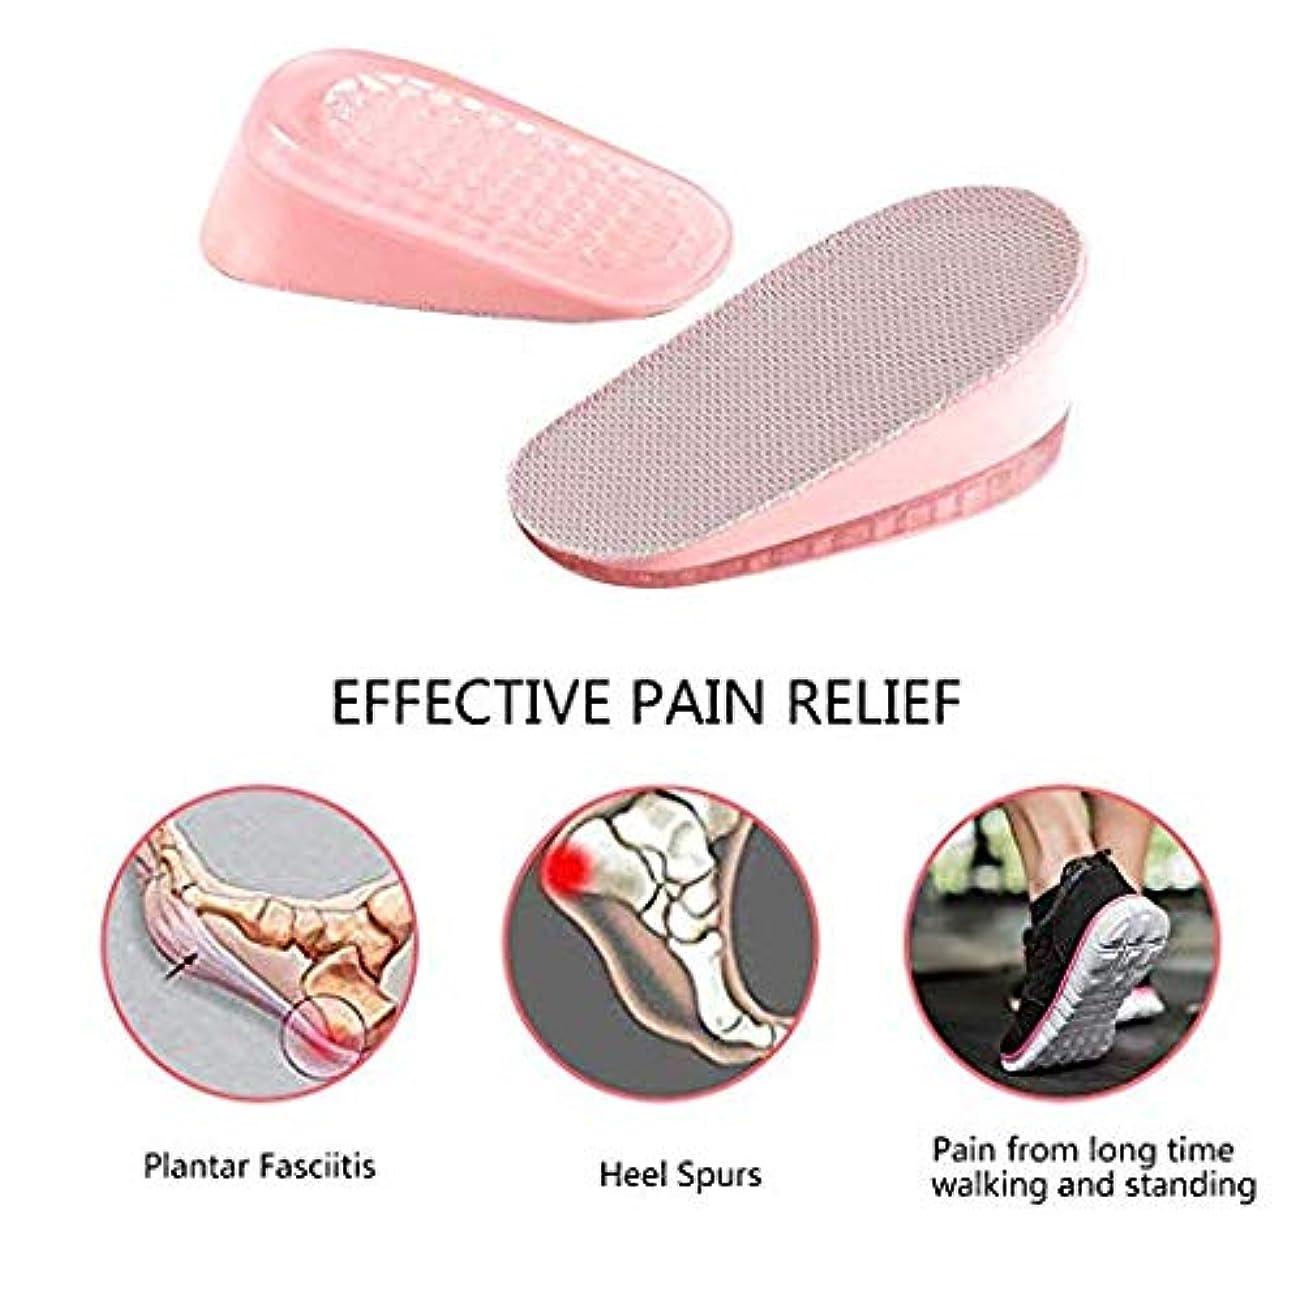 見ましたミシン審判痛み足底筋膜炎インソール| ヒールシートフットオルソティックインサート、ヒールペインおよびヒールスパーズ用ヒールカップ。